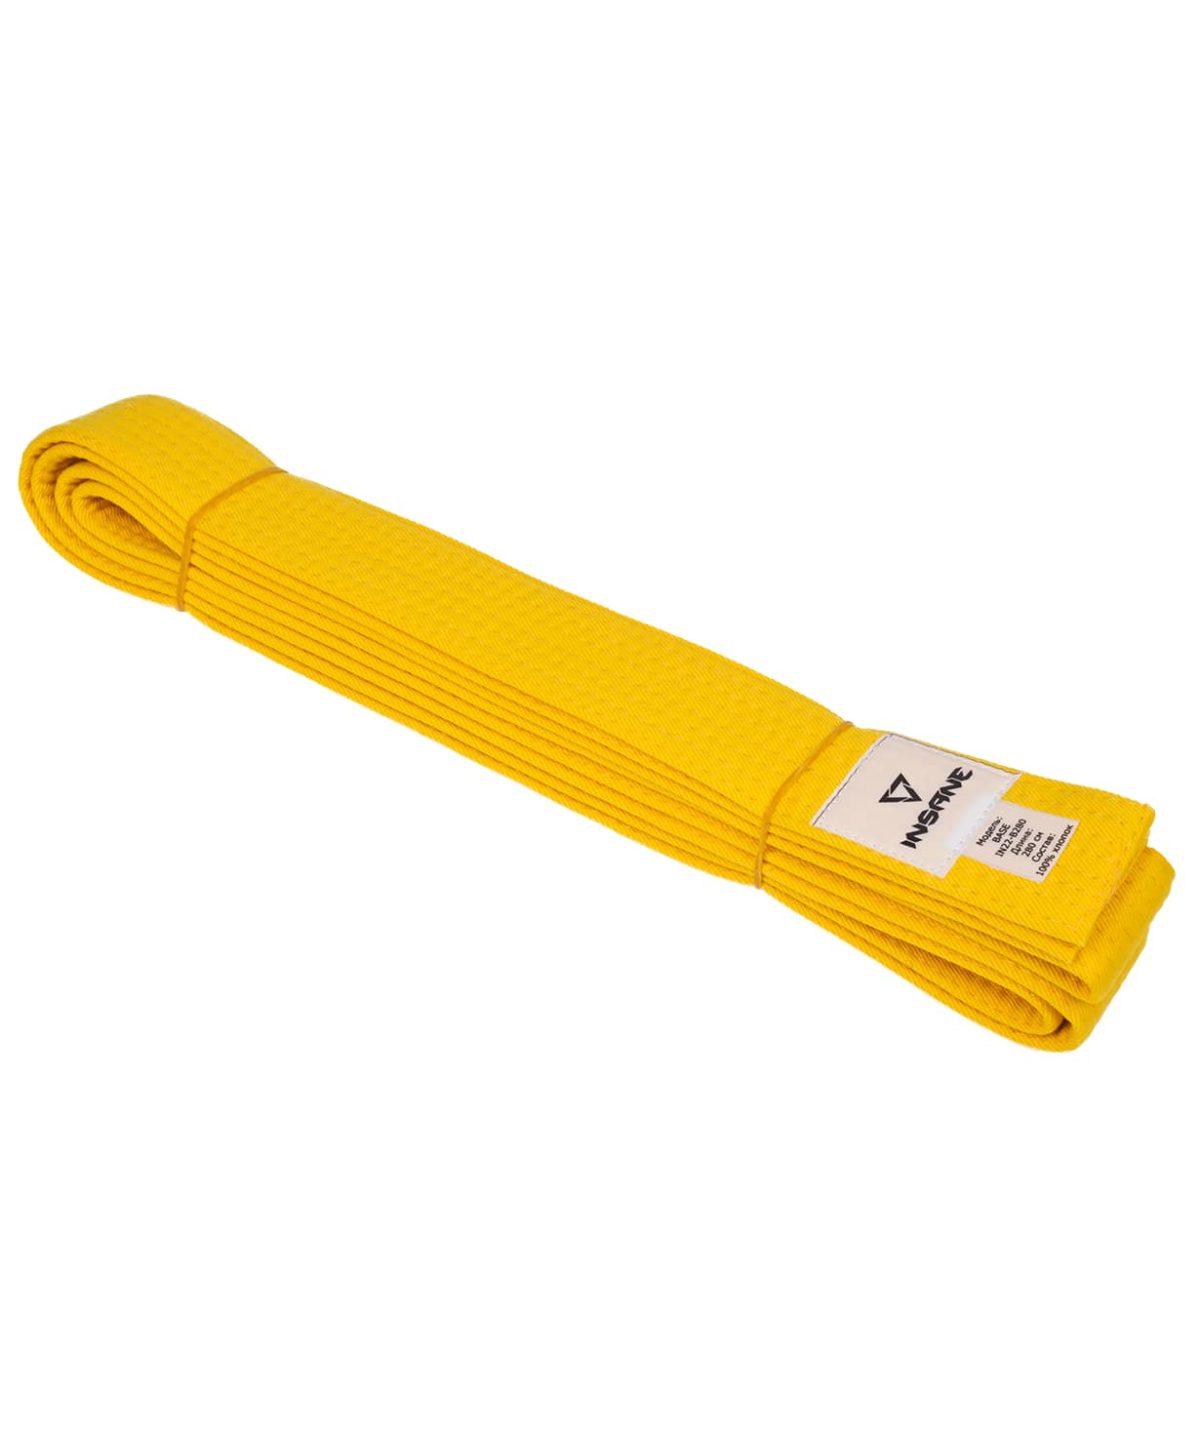 INSANE Пояс для единобоств BASE х/б, 260 см  IN22-B260: жёлтый - 1